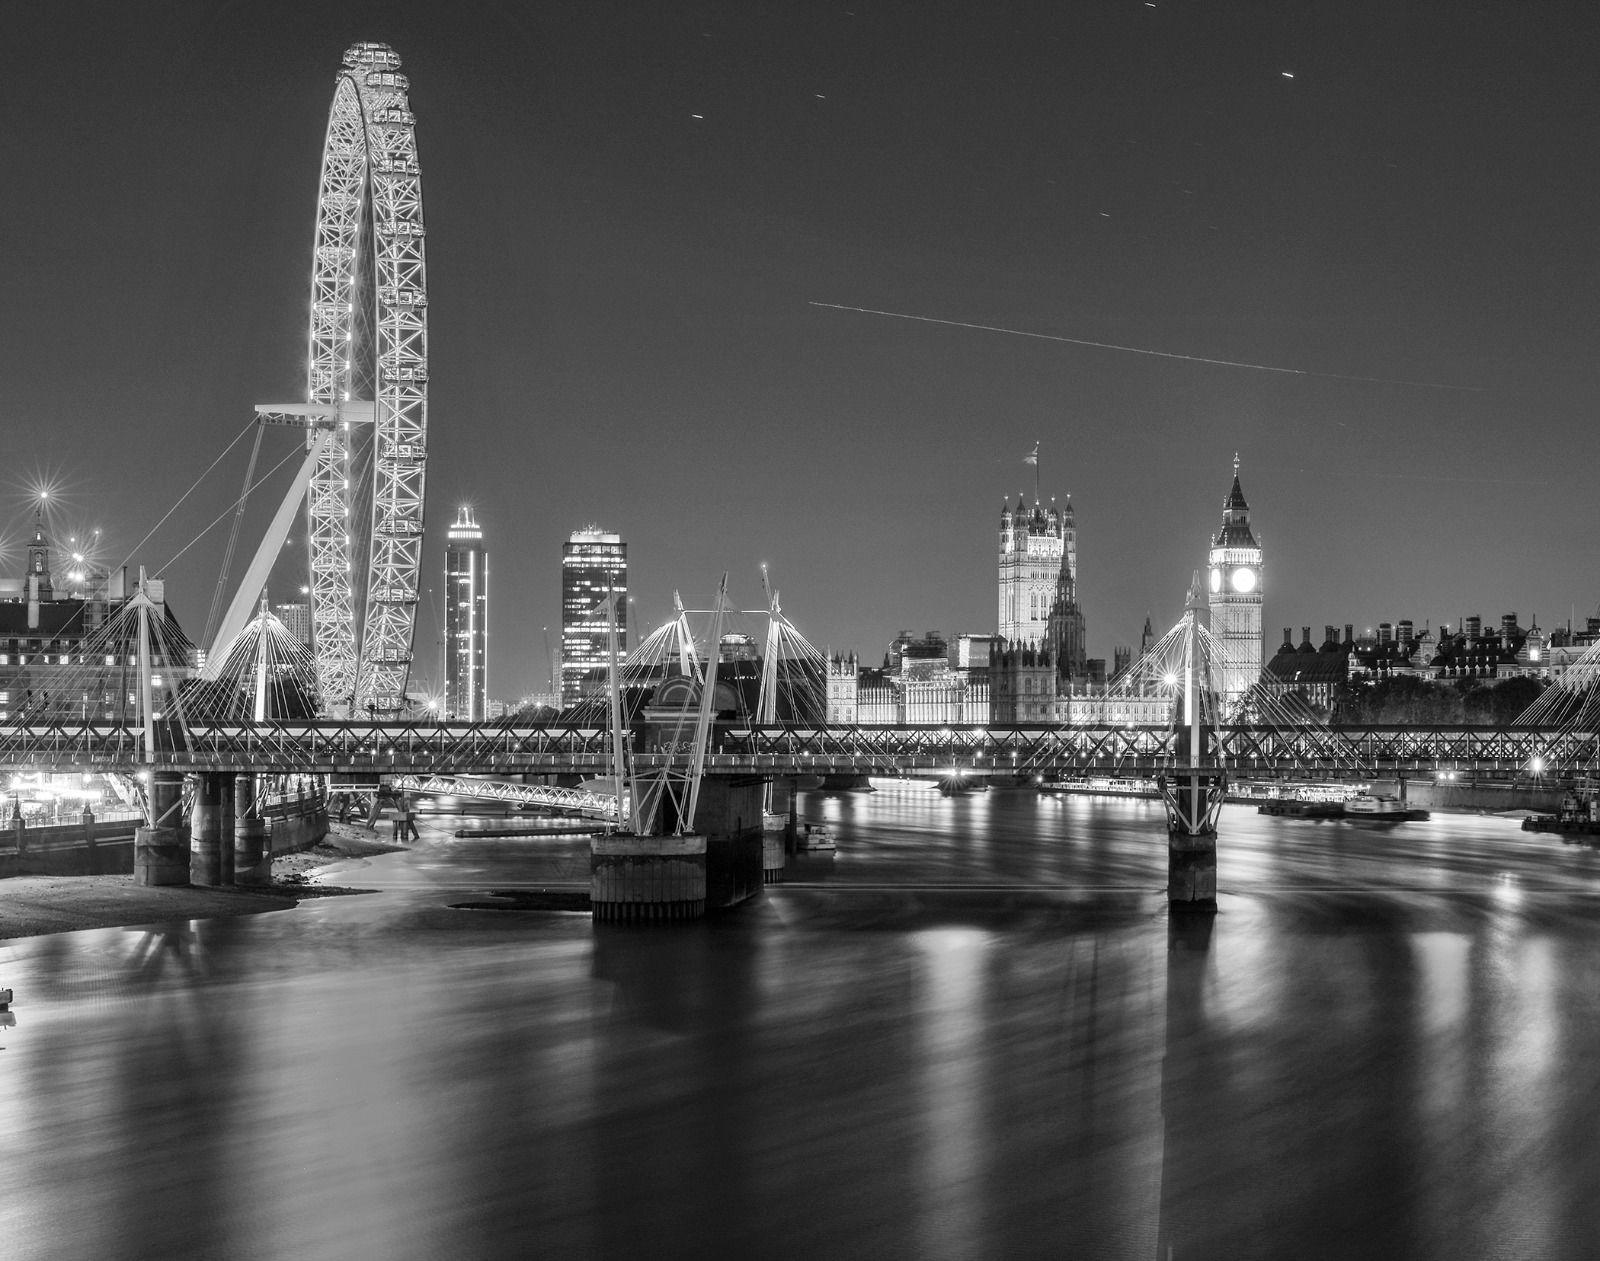 london night shot